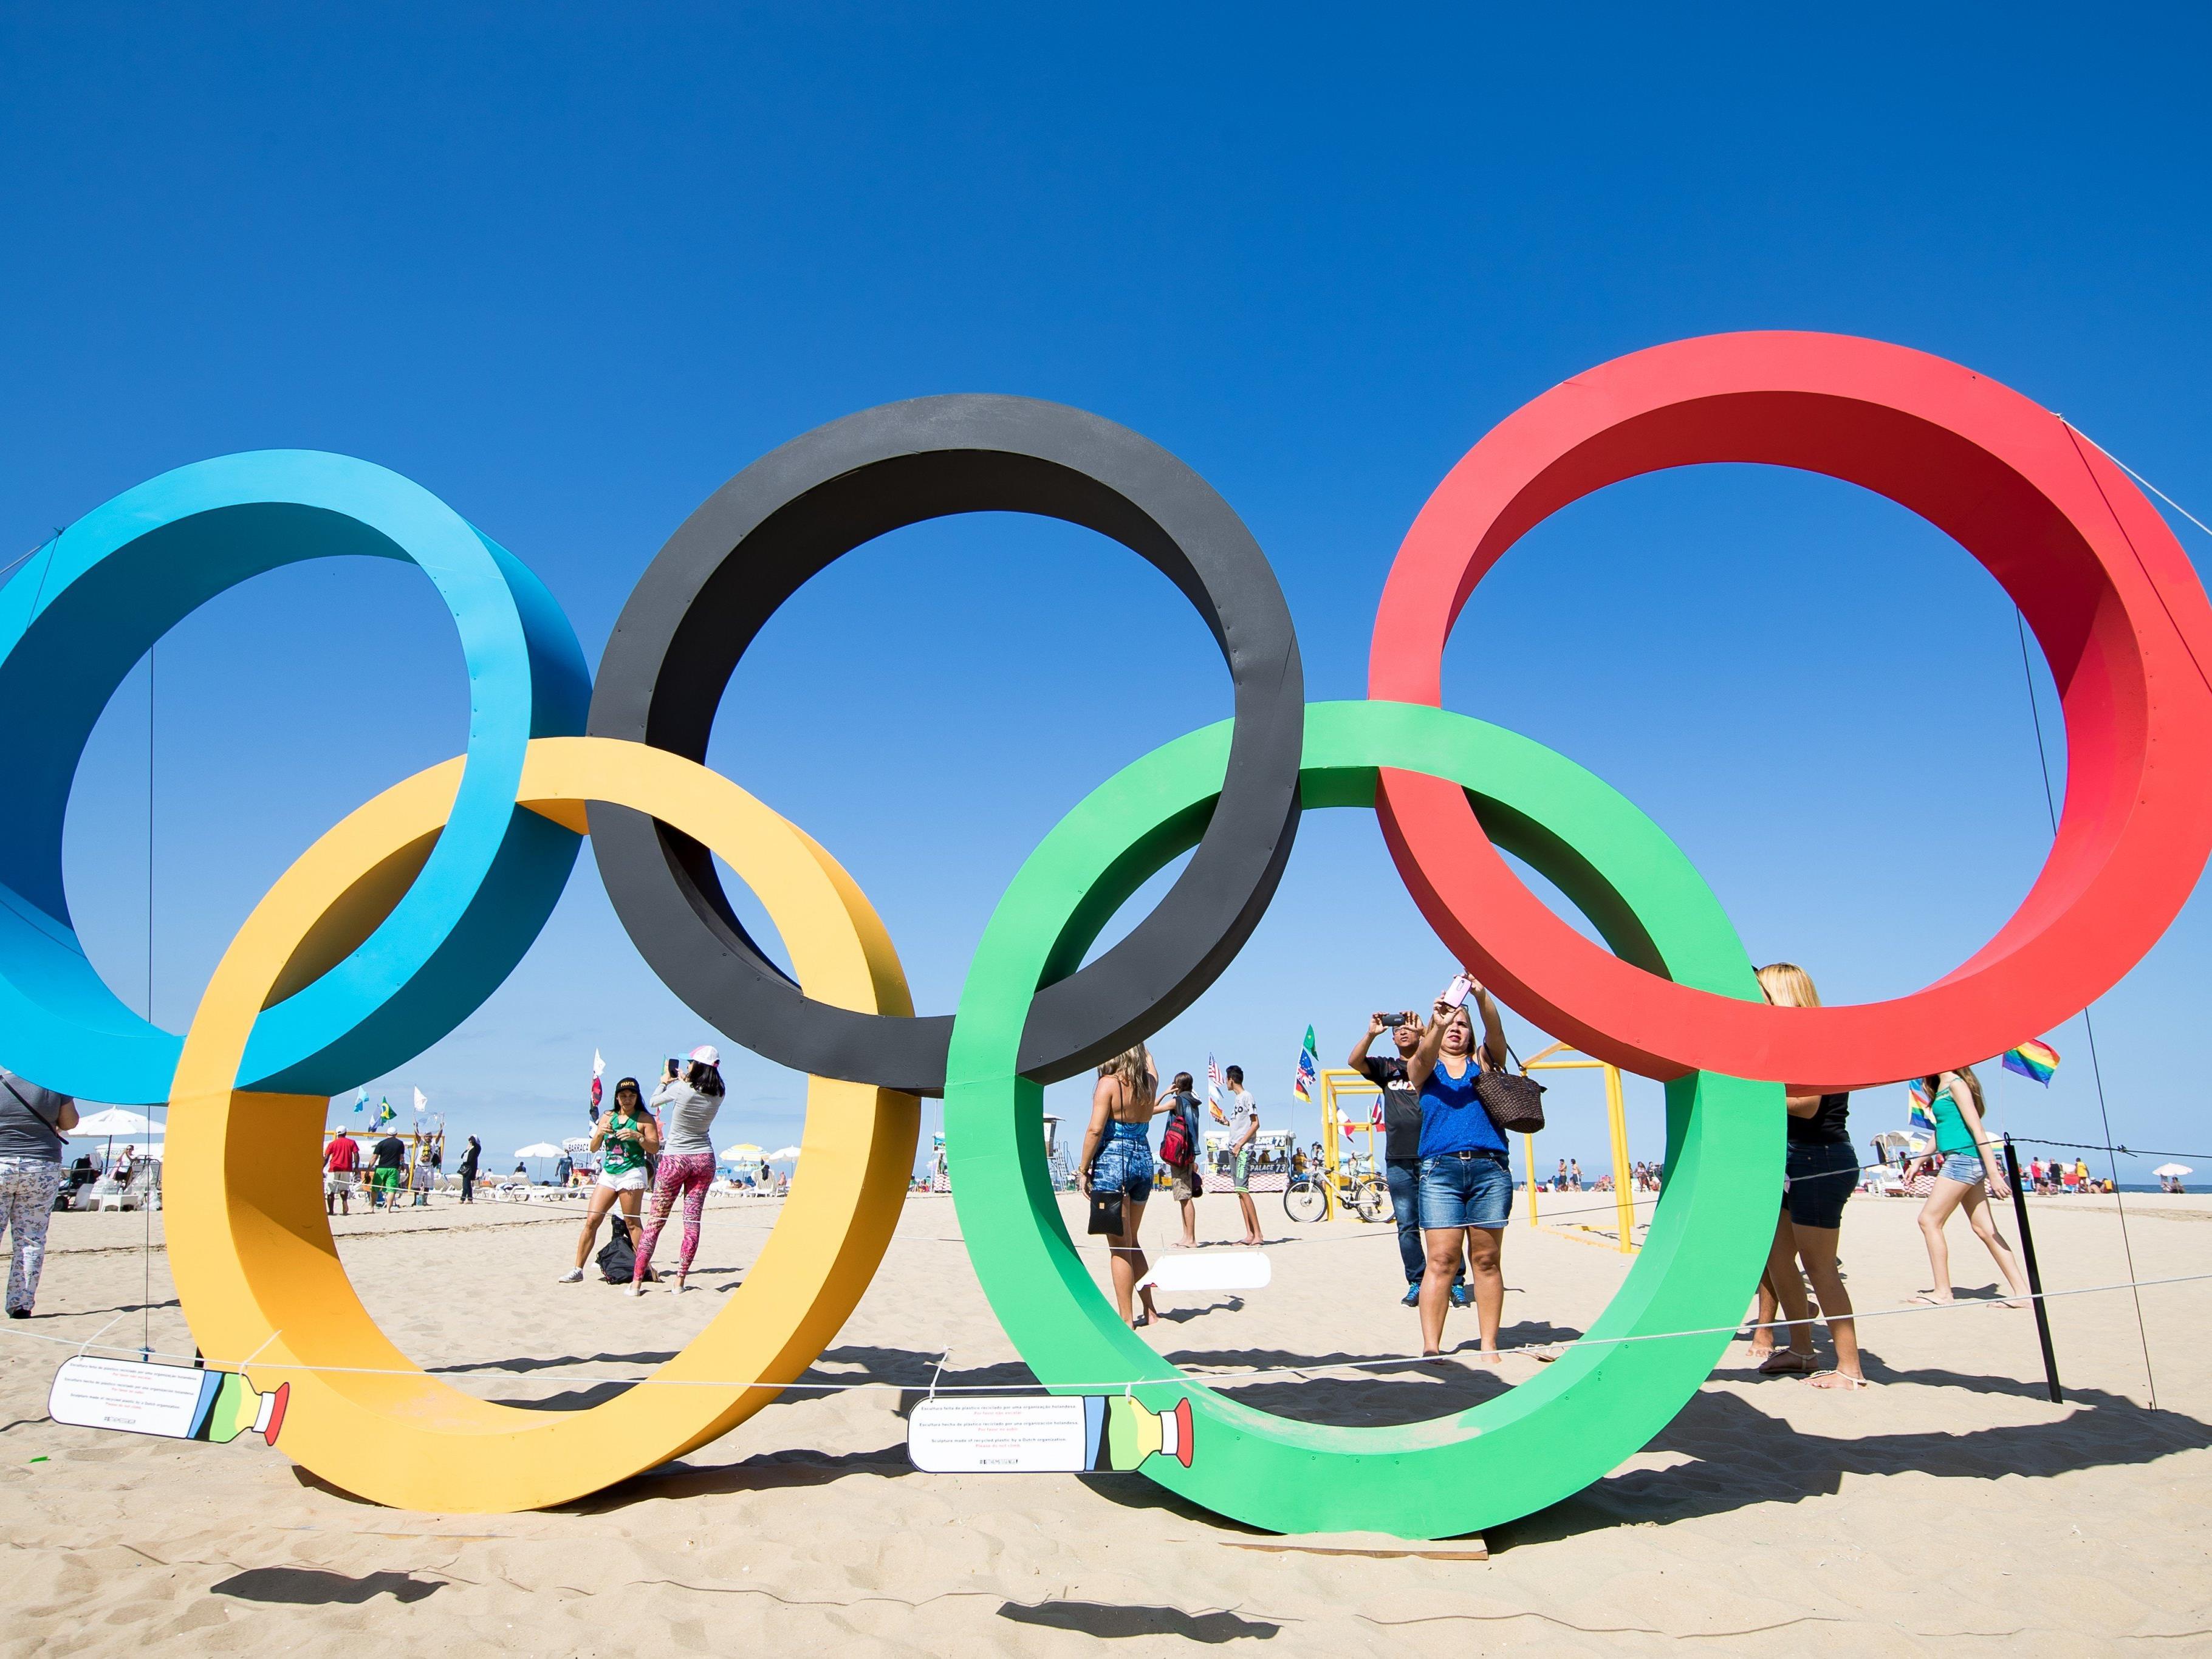 Die Olympischen Spiele werden vom 5. bis zum 21. August in Rio de Janeiro ausgetragen.